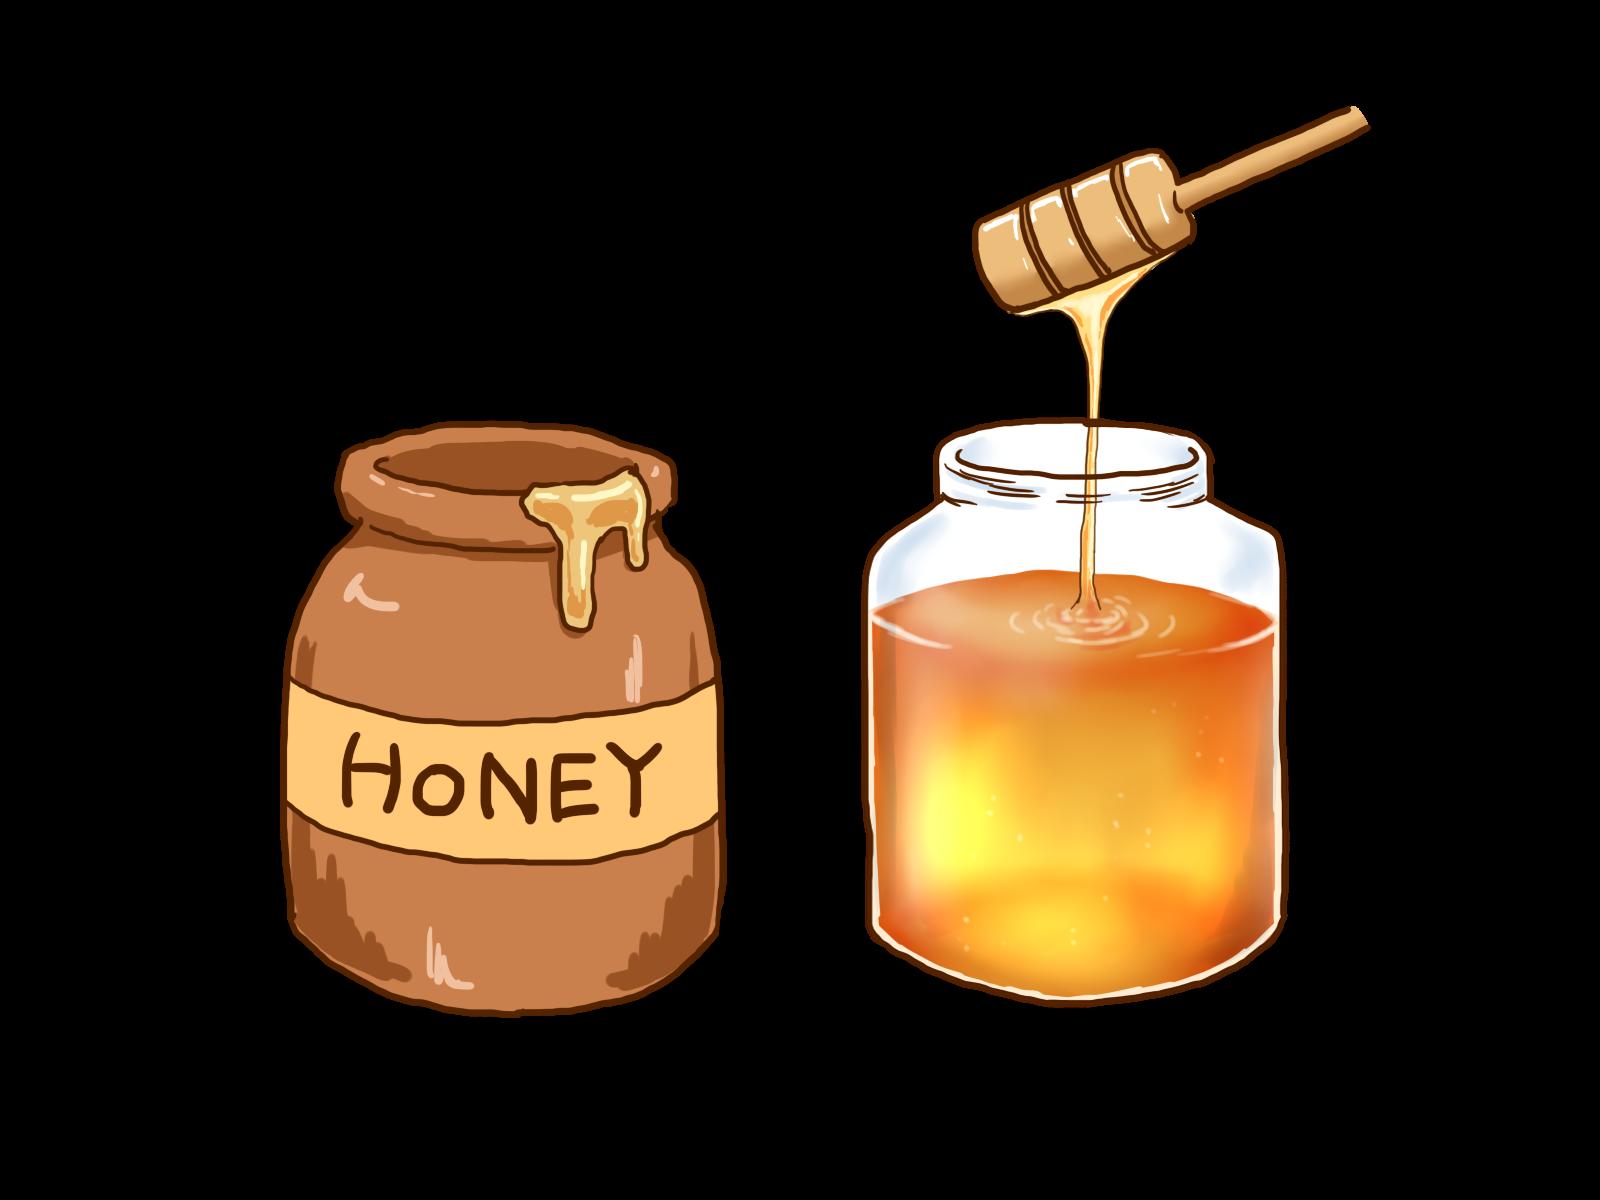 ハチミツイラスト